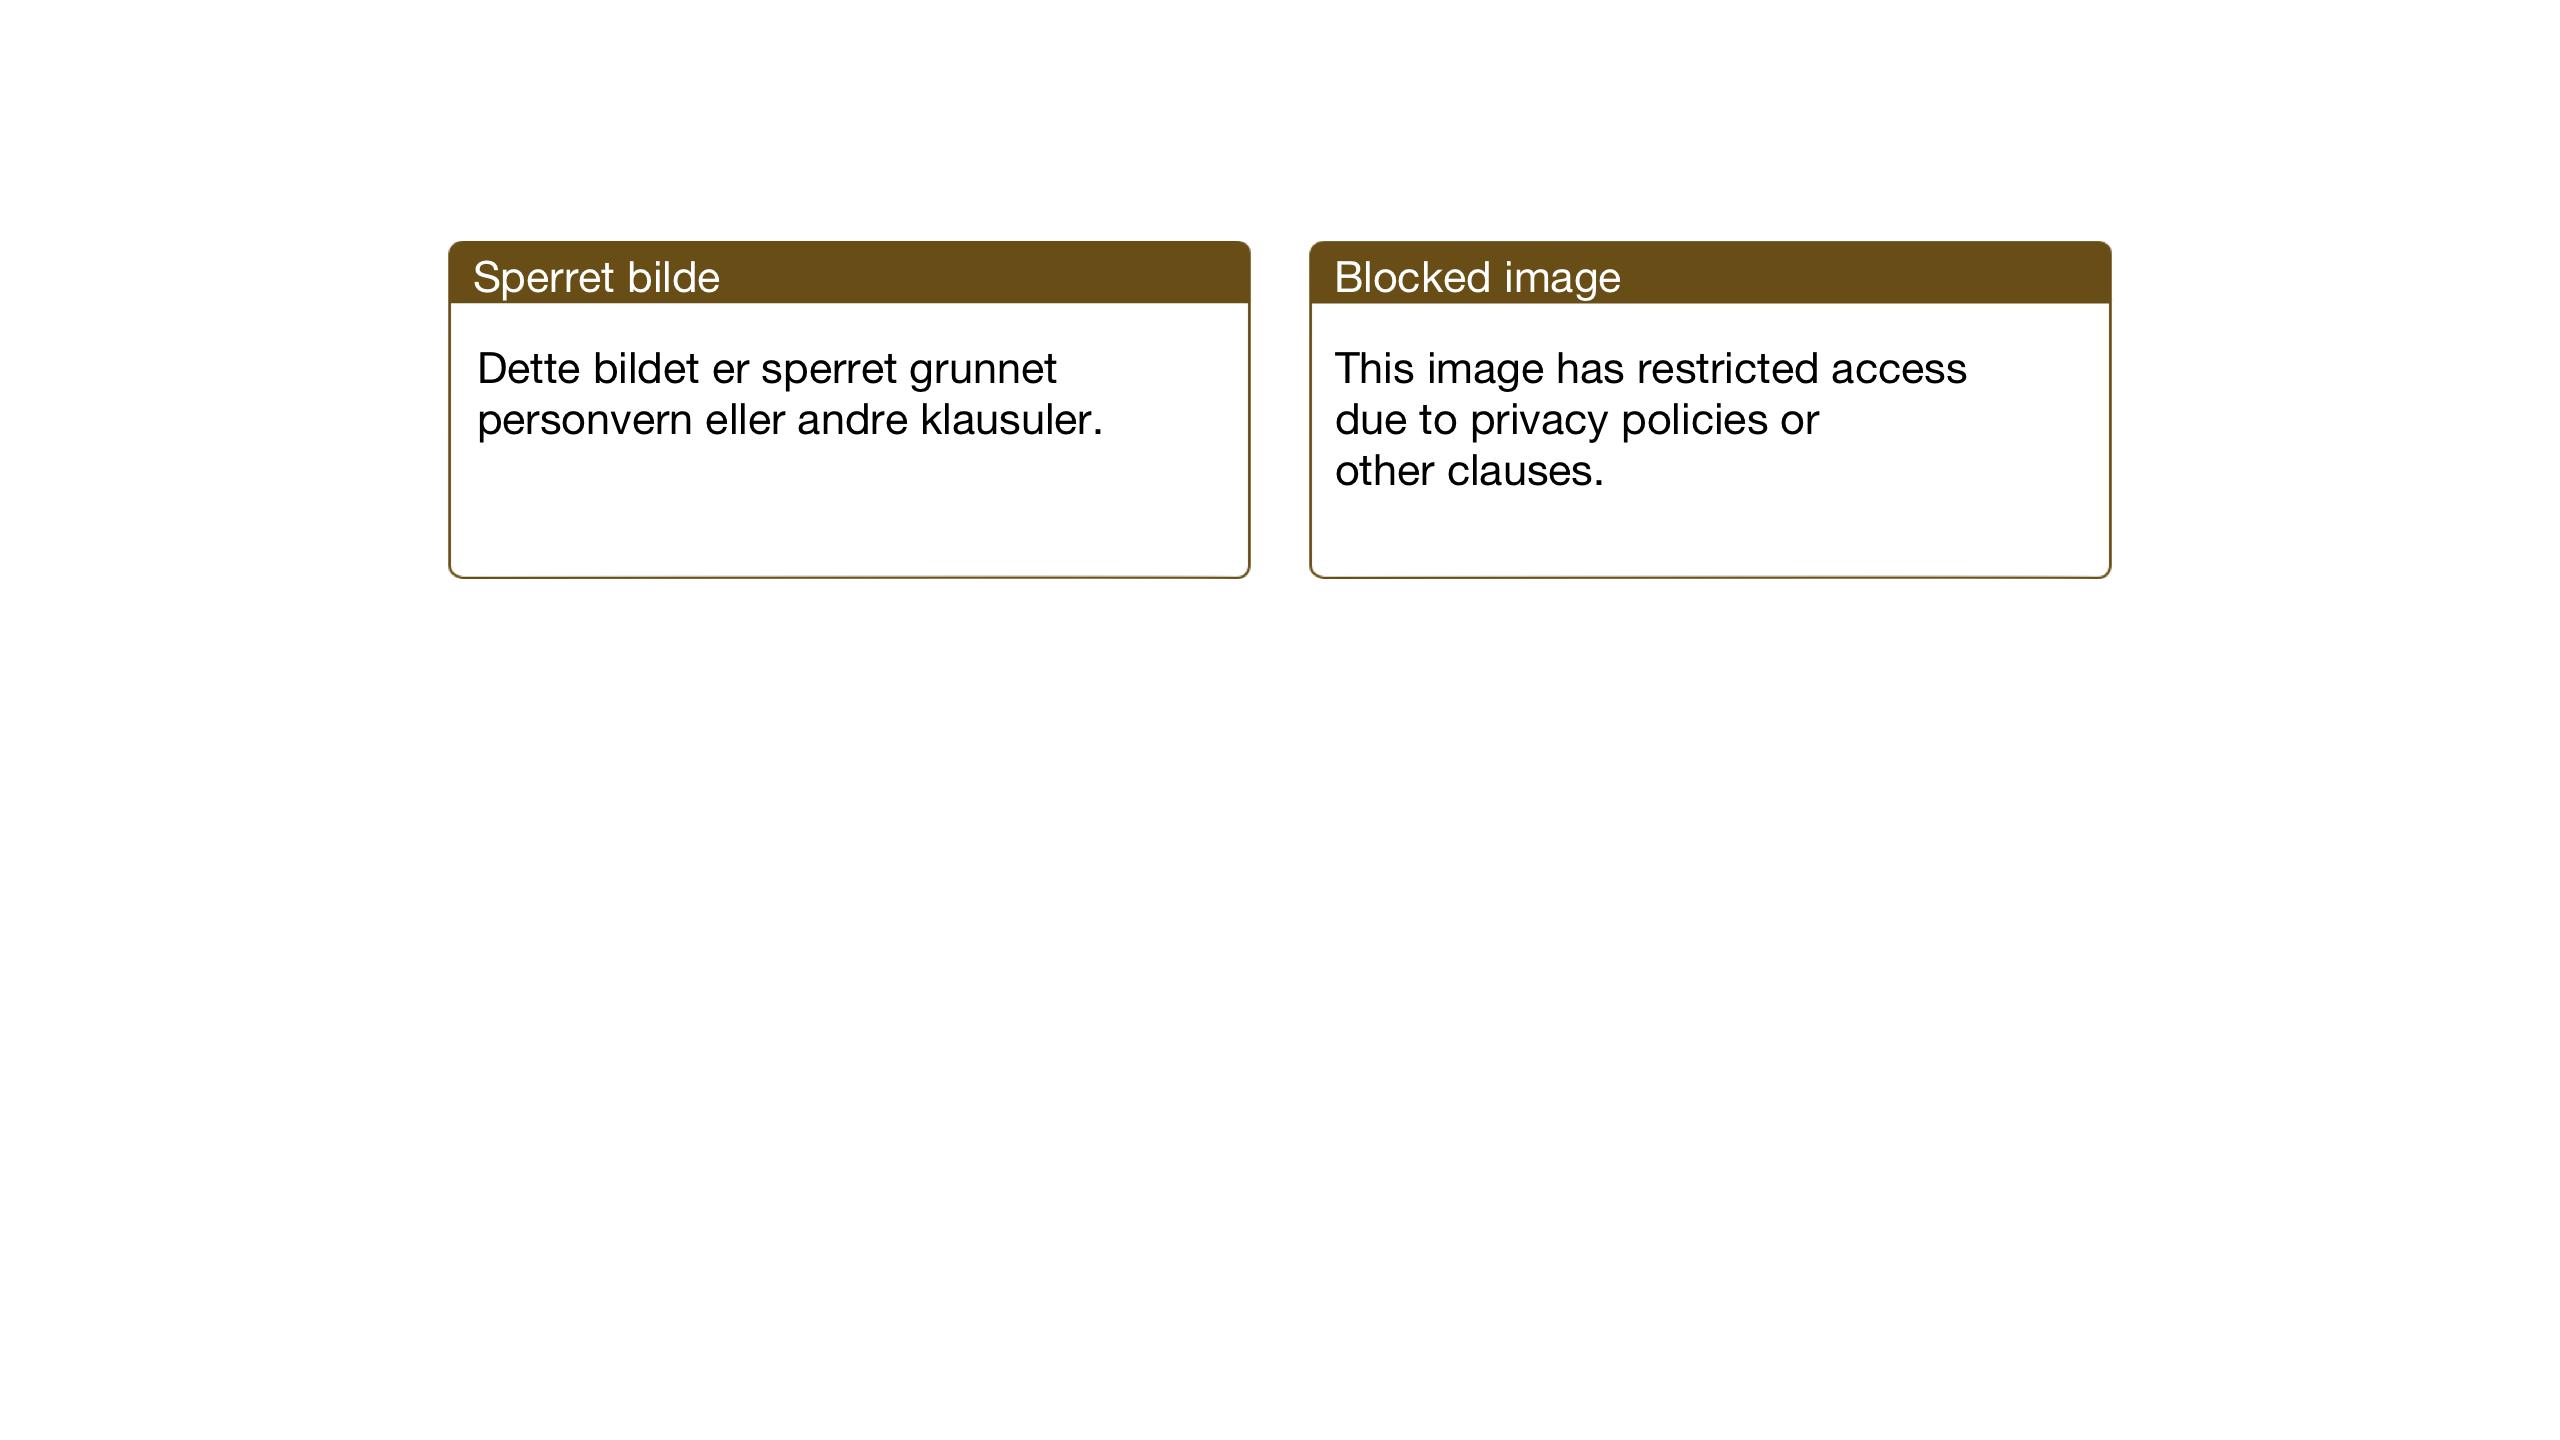 SAT, Ministerialprotokoller, klokkerbøker og fødselsregistre - Sør-Trøndelag, 682/L0947: Klokkerbok nr. 682C01, 1926-1968, s. 16